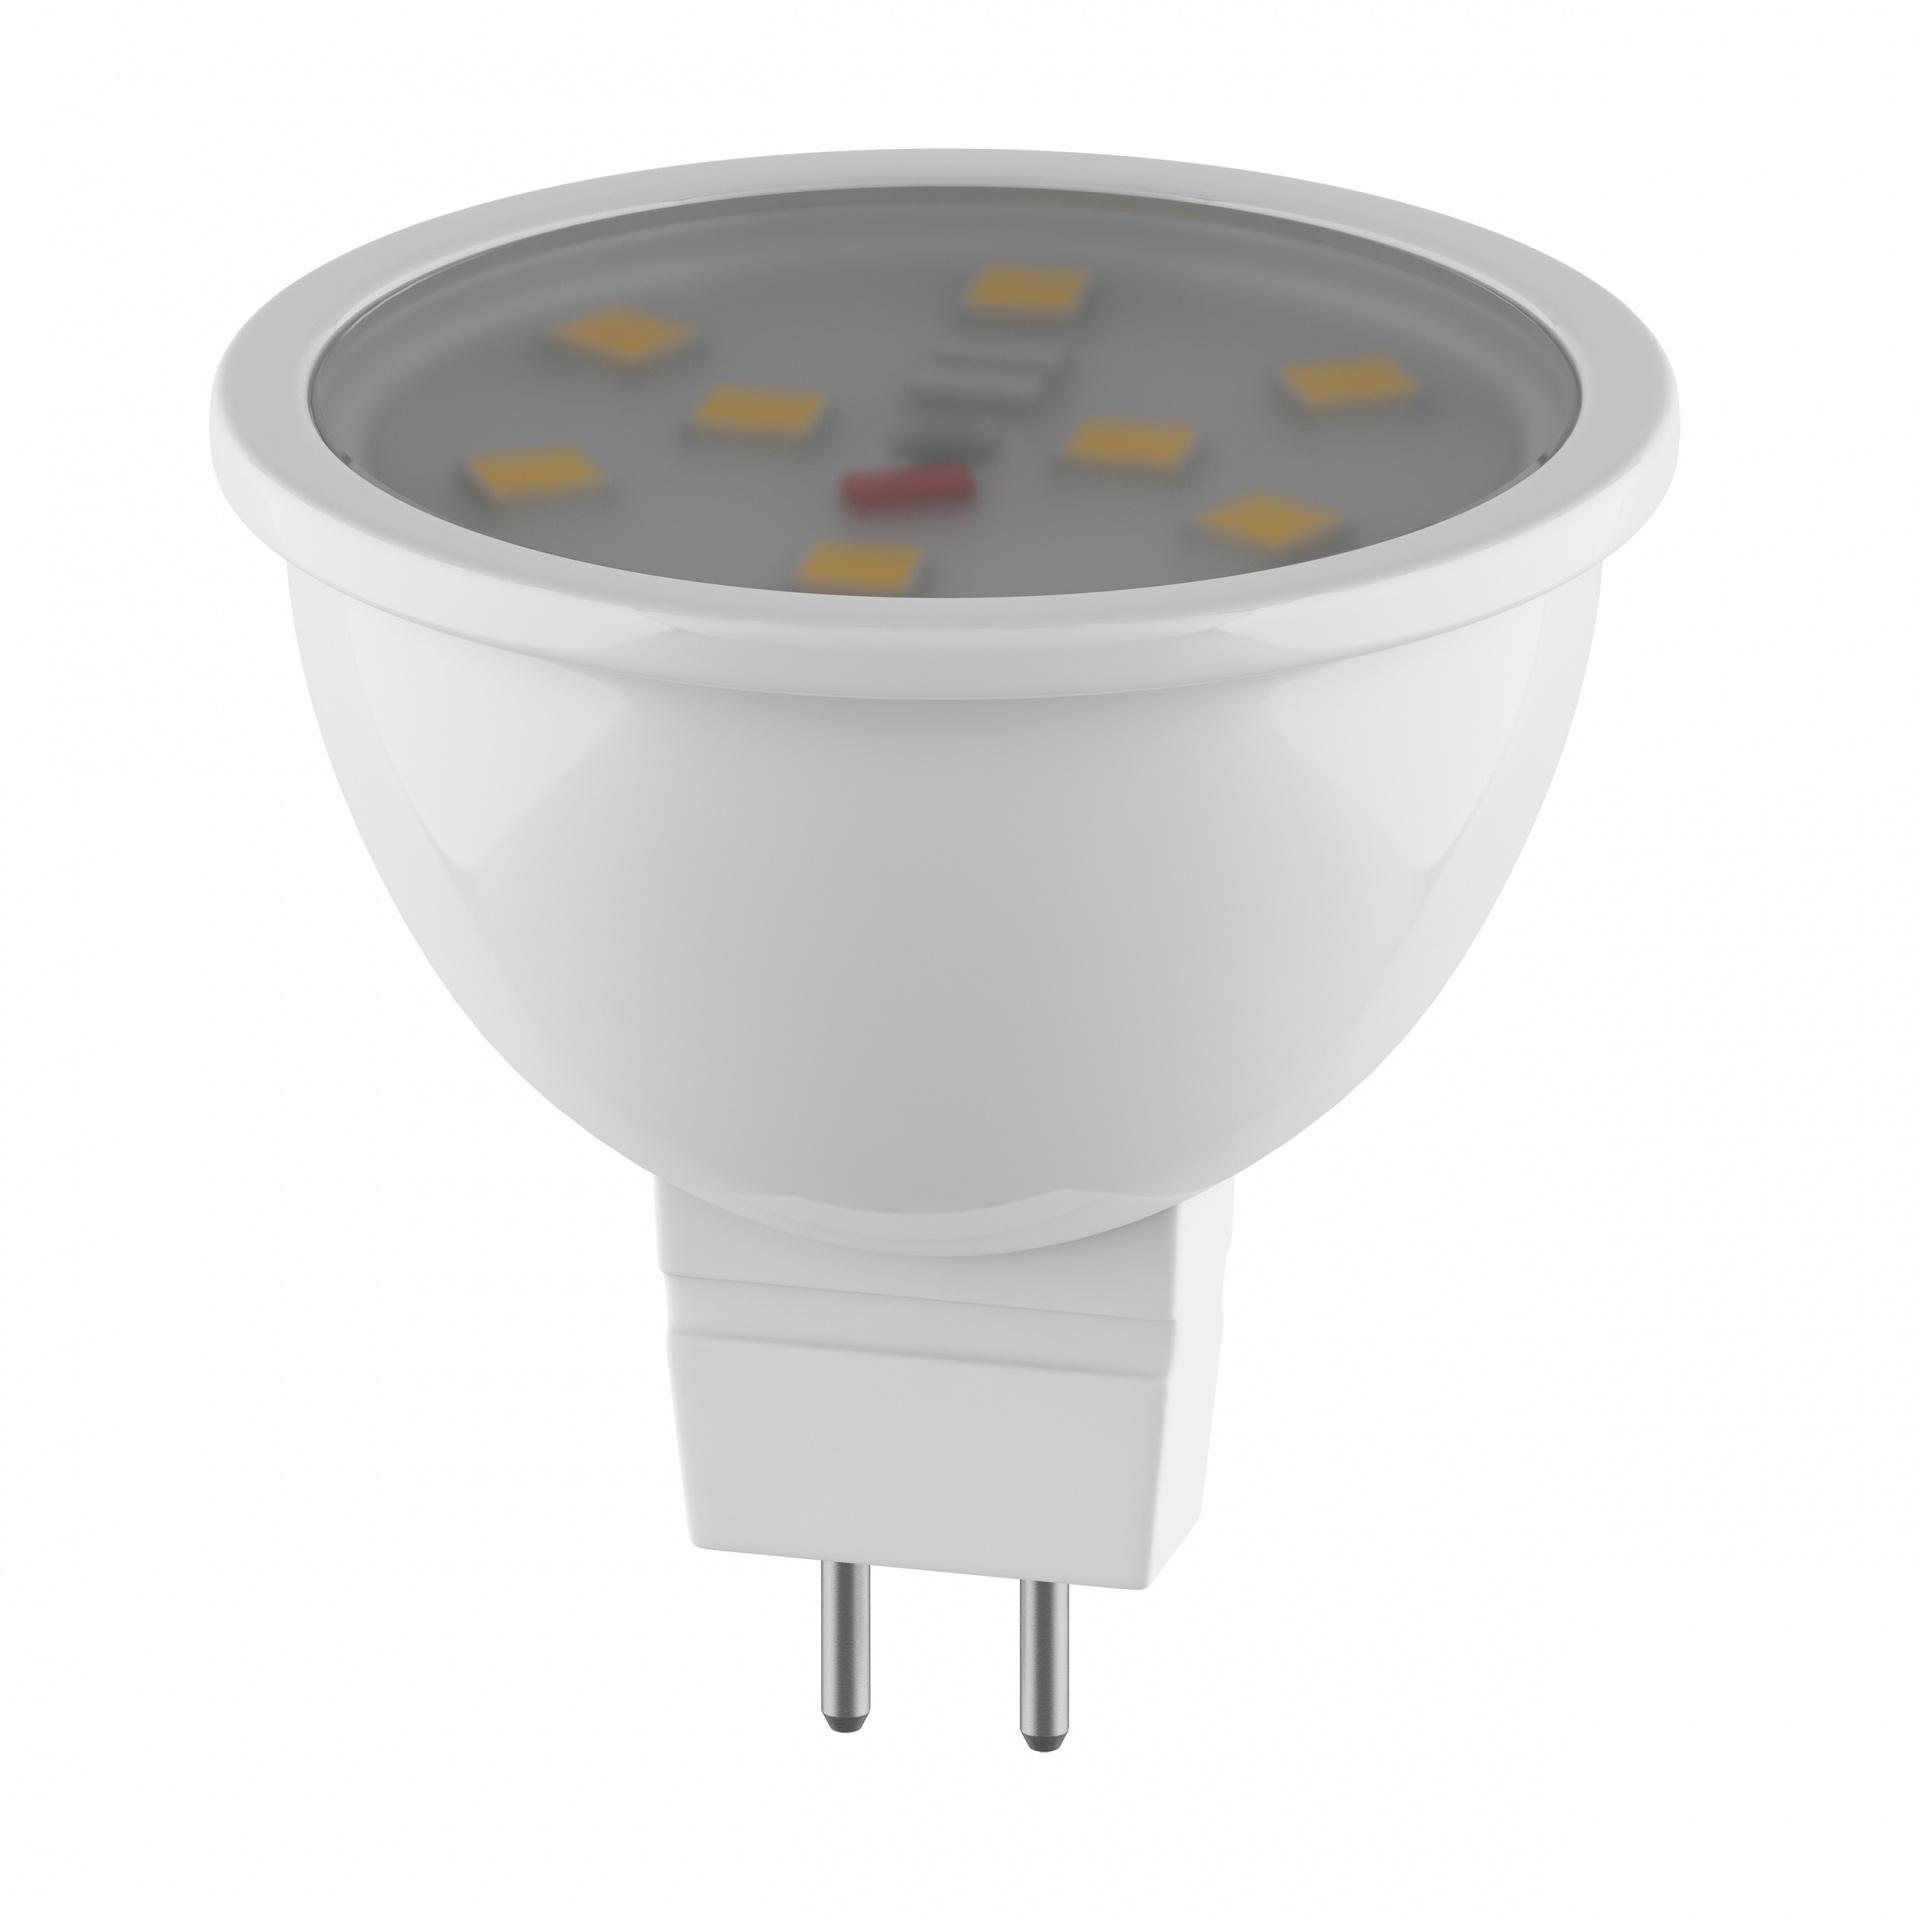 Светодиодная LED лампа G5.3, 220V MR11 3W - 3000K, Lightstar 940902, купить в СПб, Москве, с доставкой, Санкт-Петербург, интернет-магазин люстр и светильников Starlight, фото в жизни